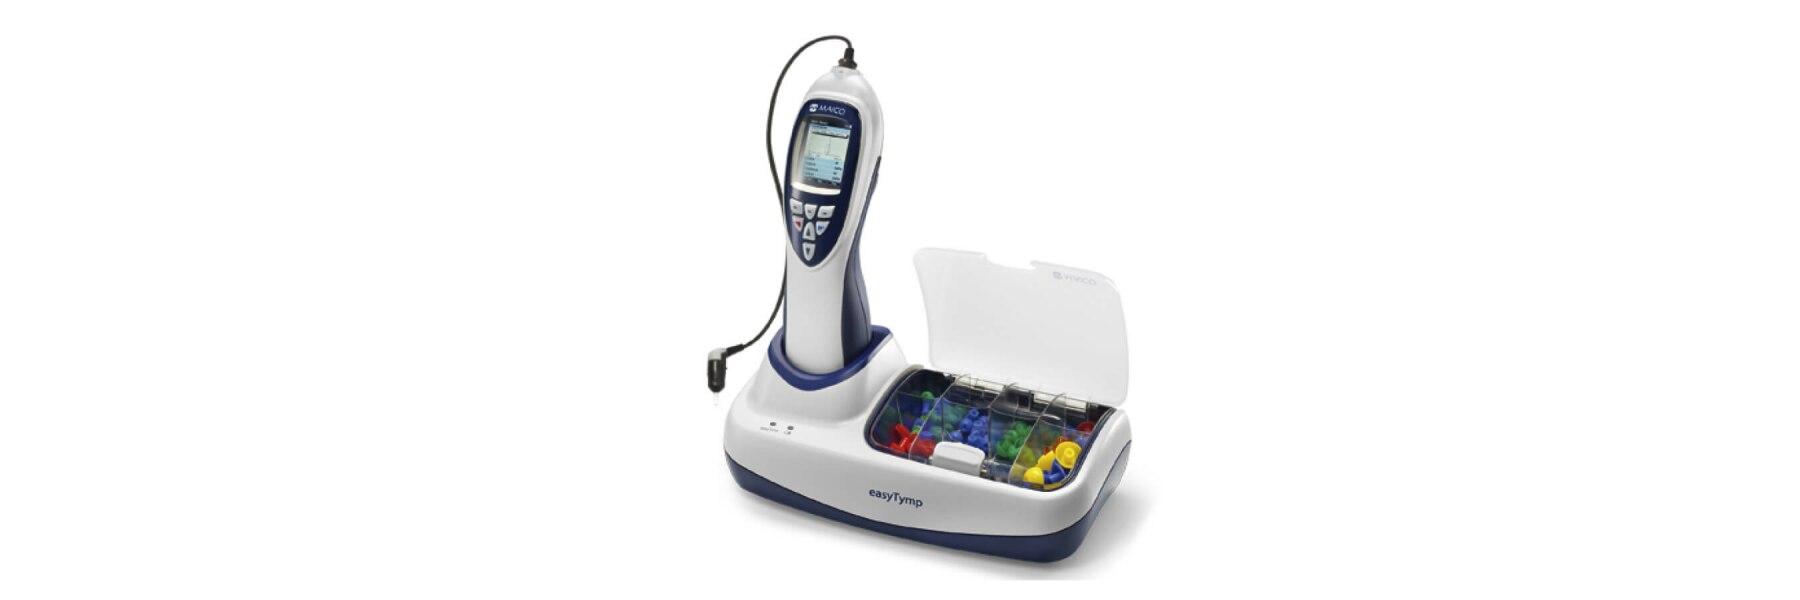 Audiometer & Tympanometer